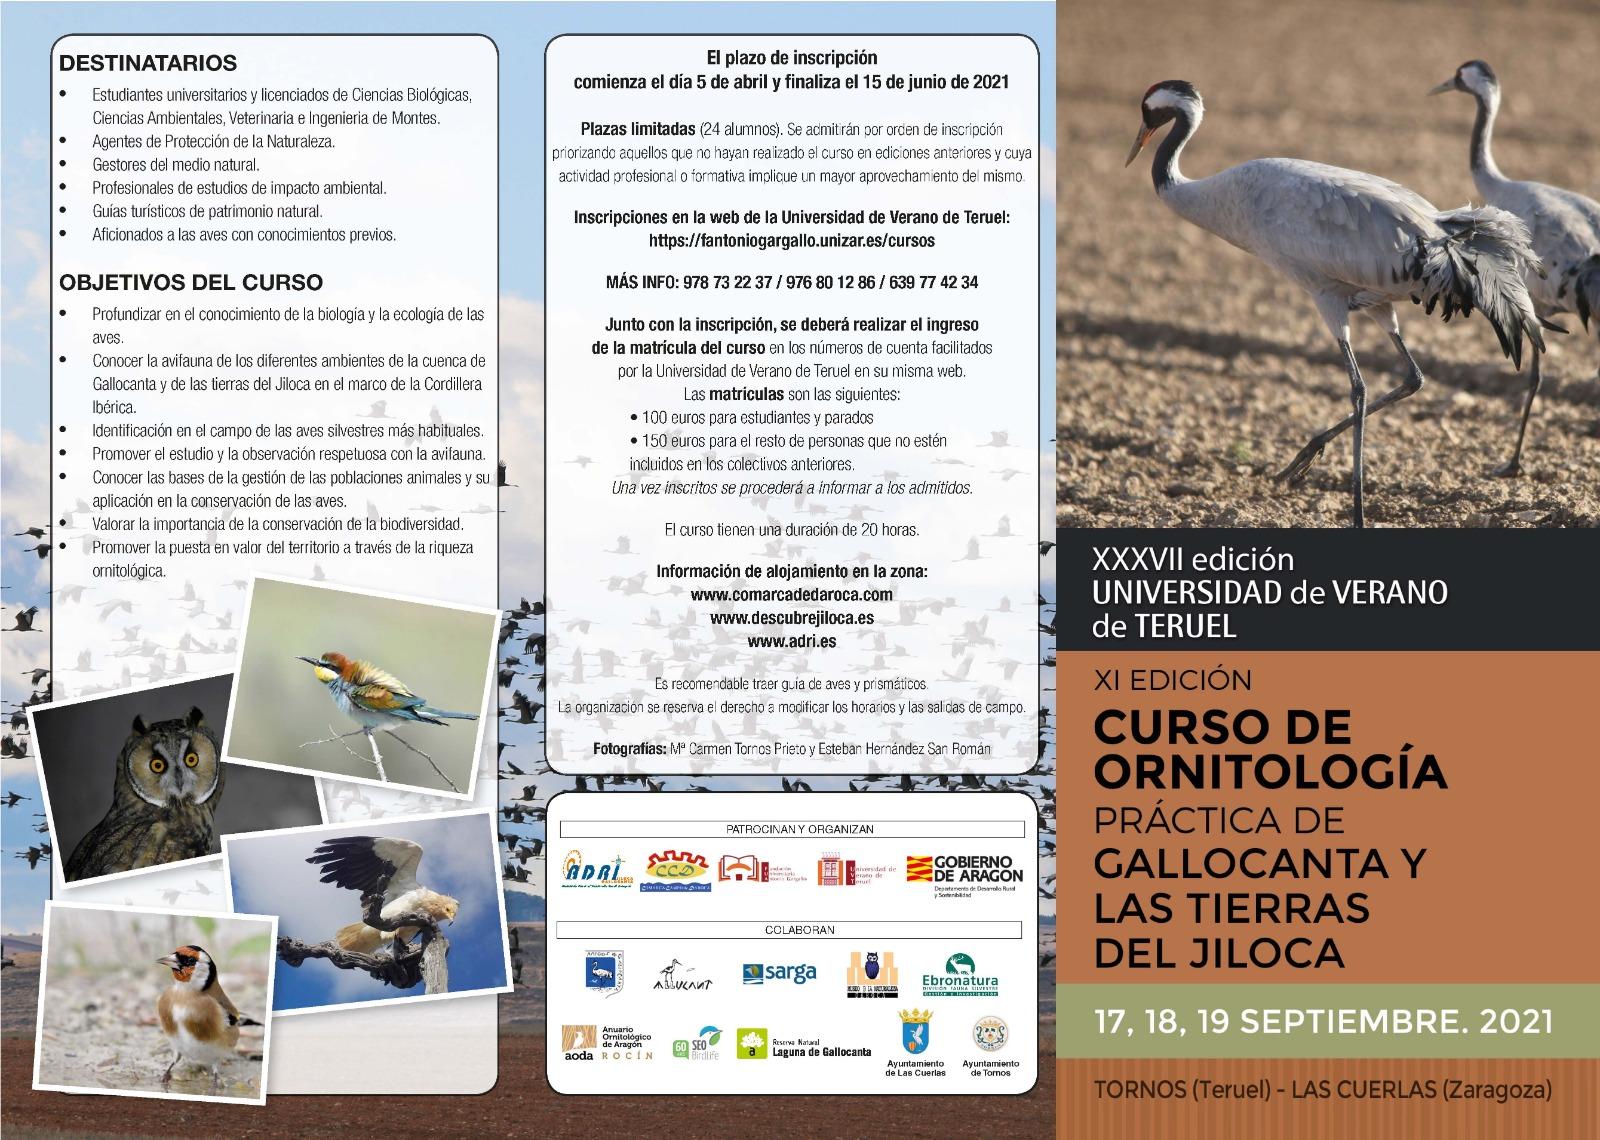 XI Curso de Ornitología práctica de Gallocanta y las Tierras del Jiloca